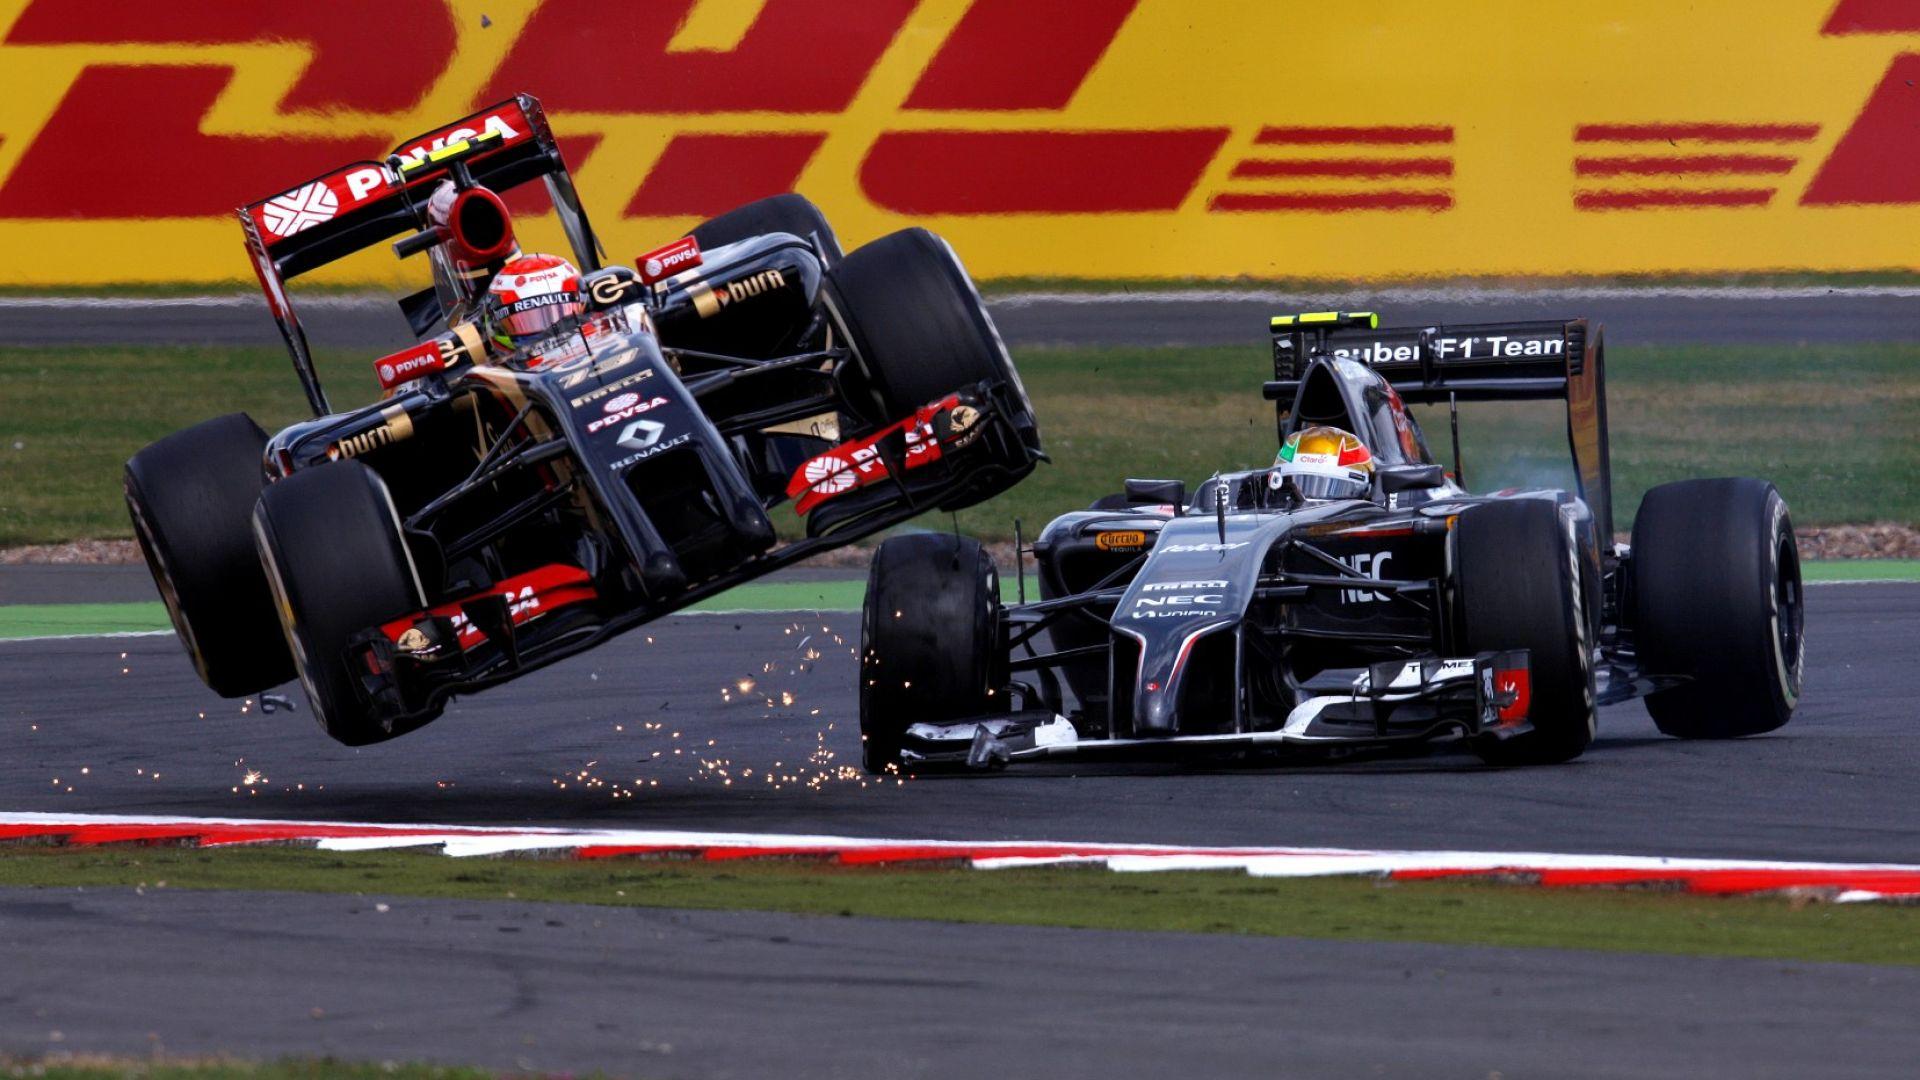 Още едно състезание от Формула 1 е с неясно бъдеще